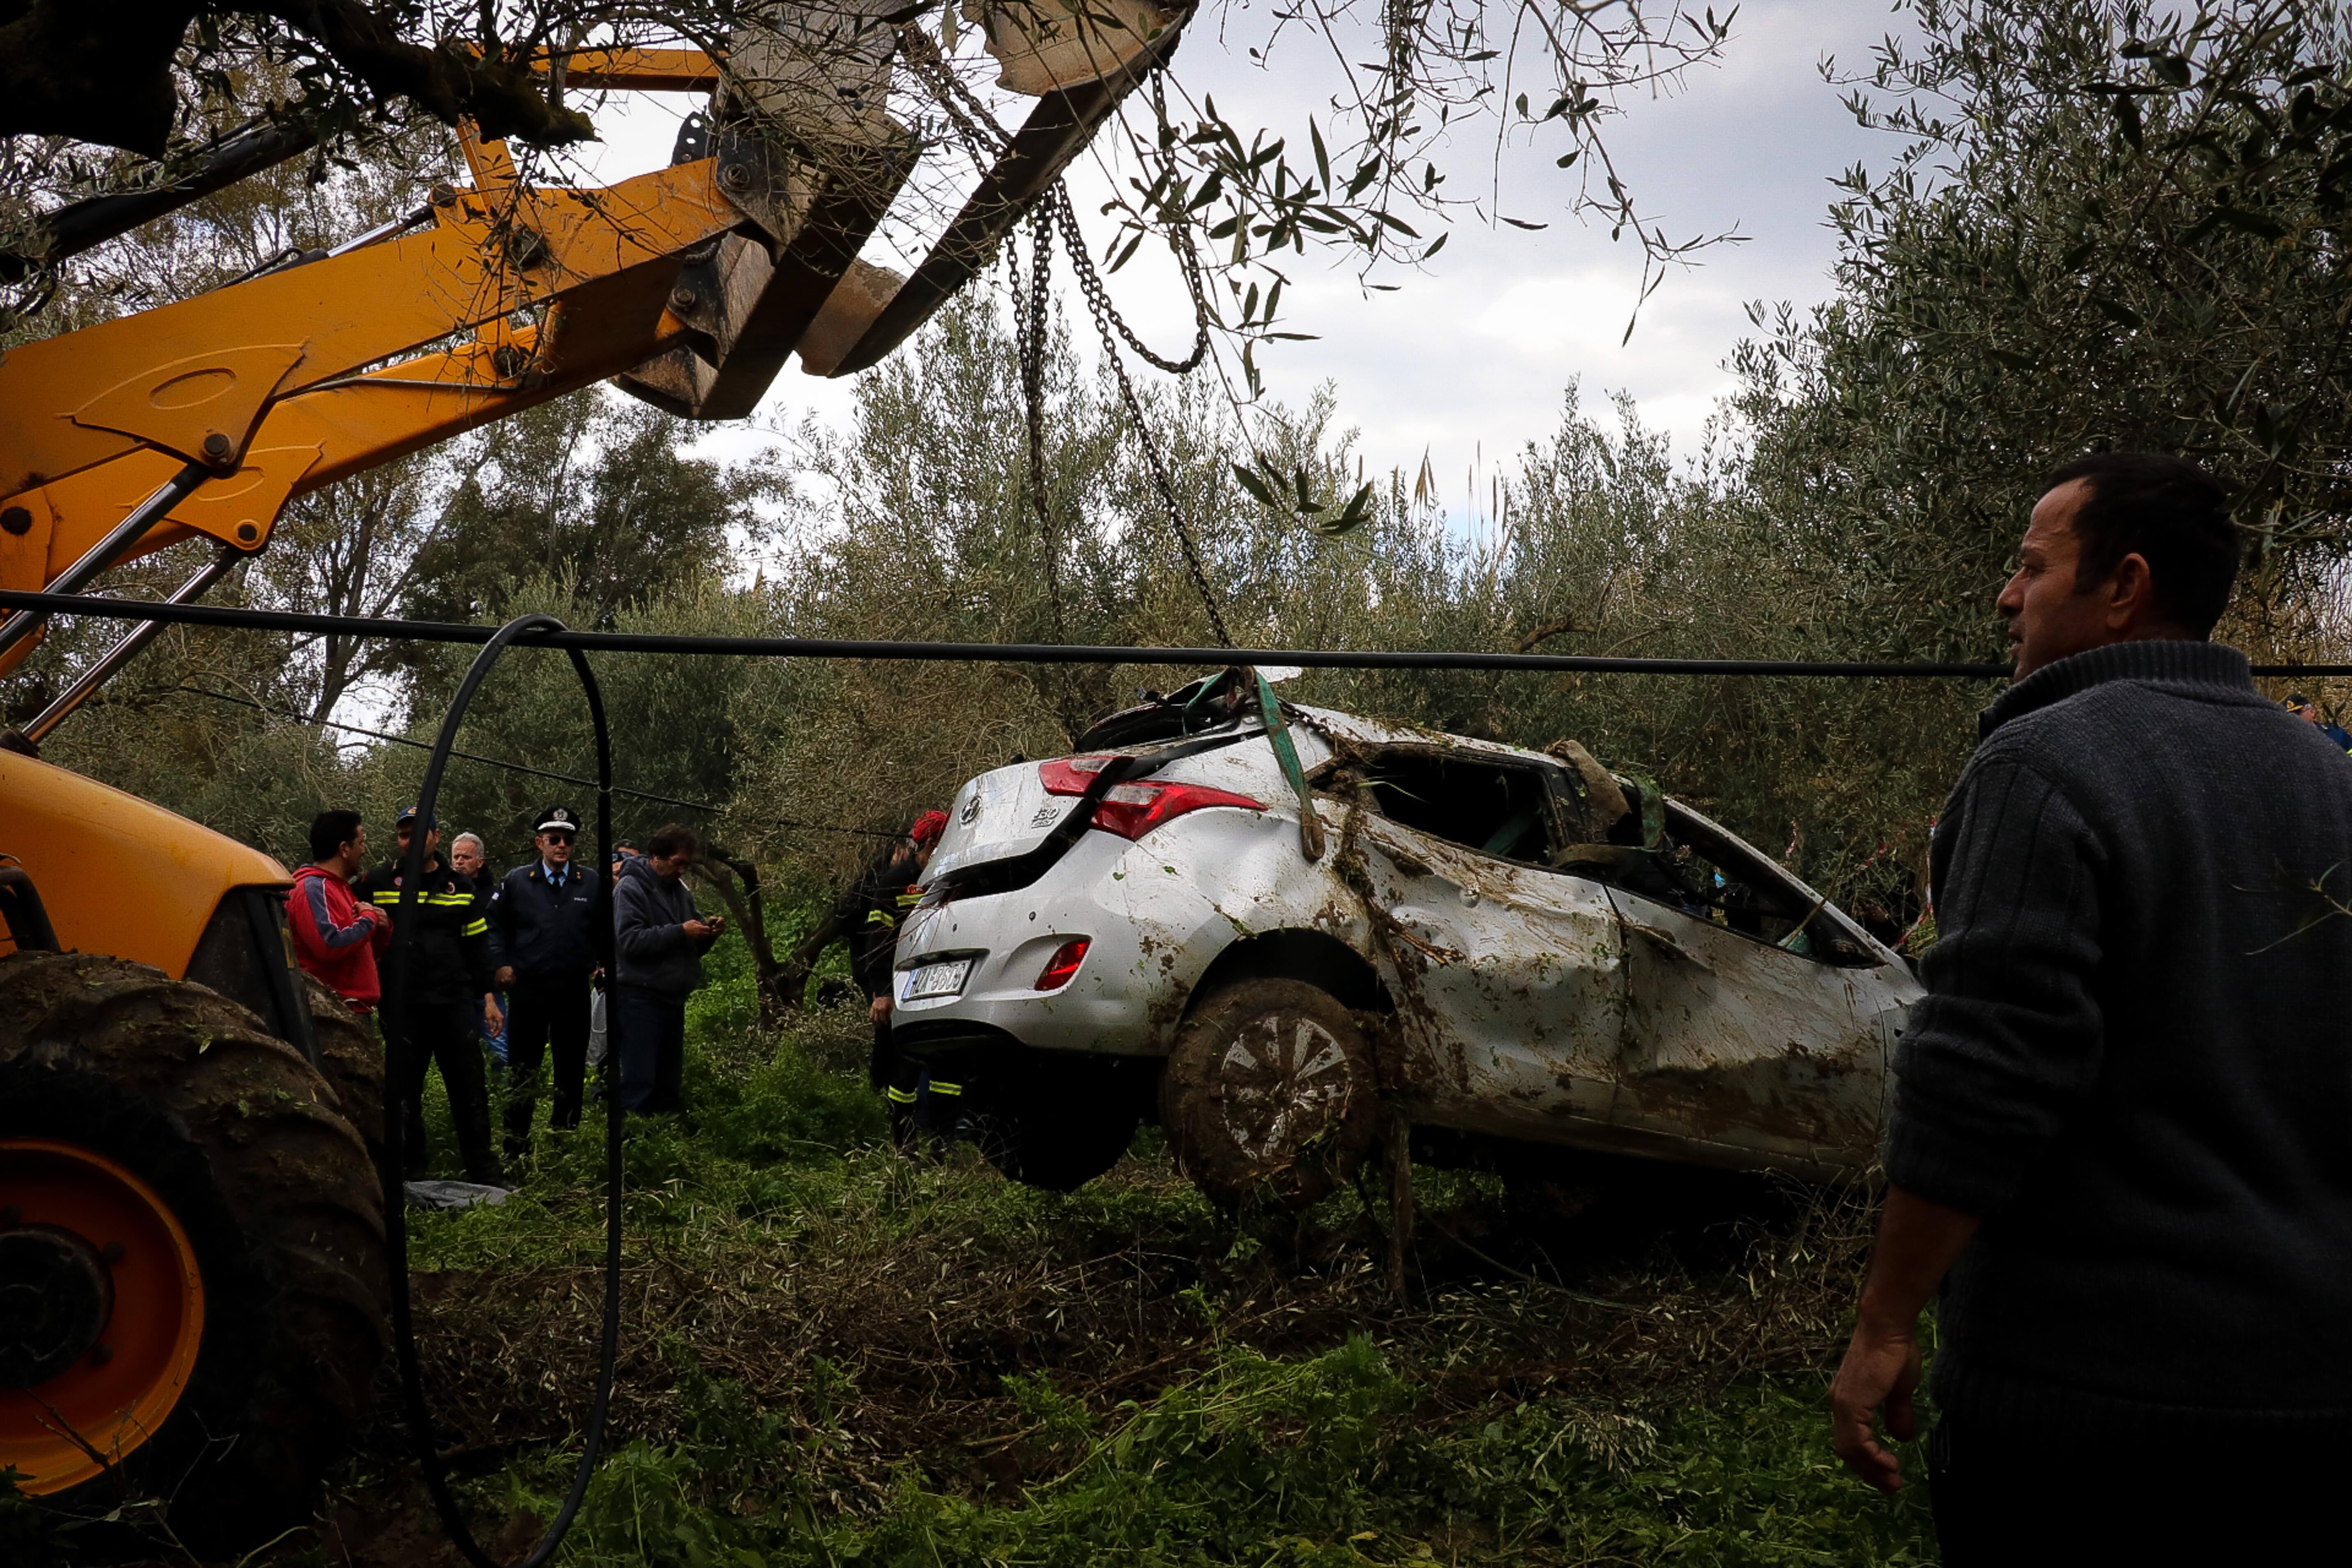 Νέες διευκρινίσεις για το σημείο της τραγωδίας από την Περιφέρεια Κρήτης